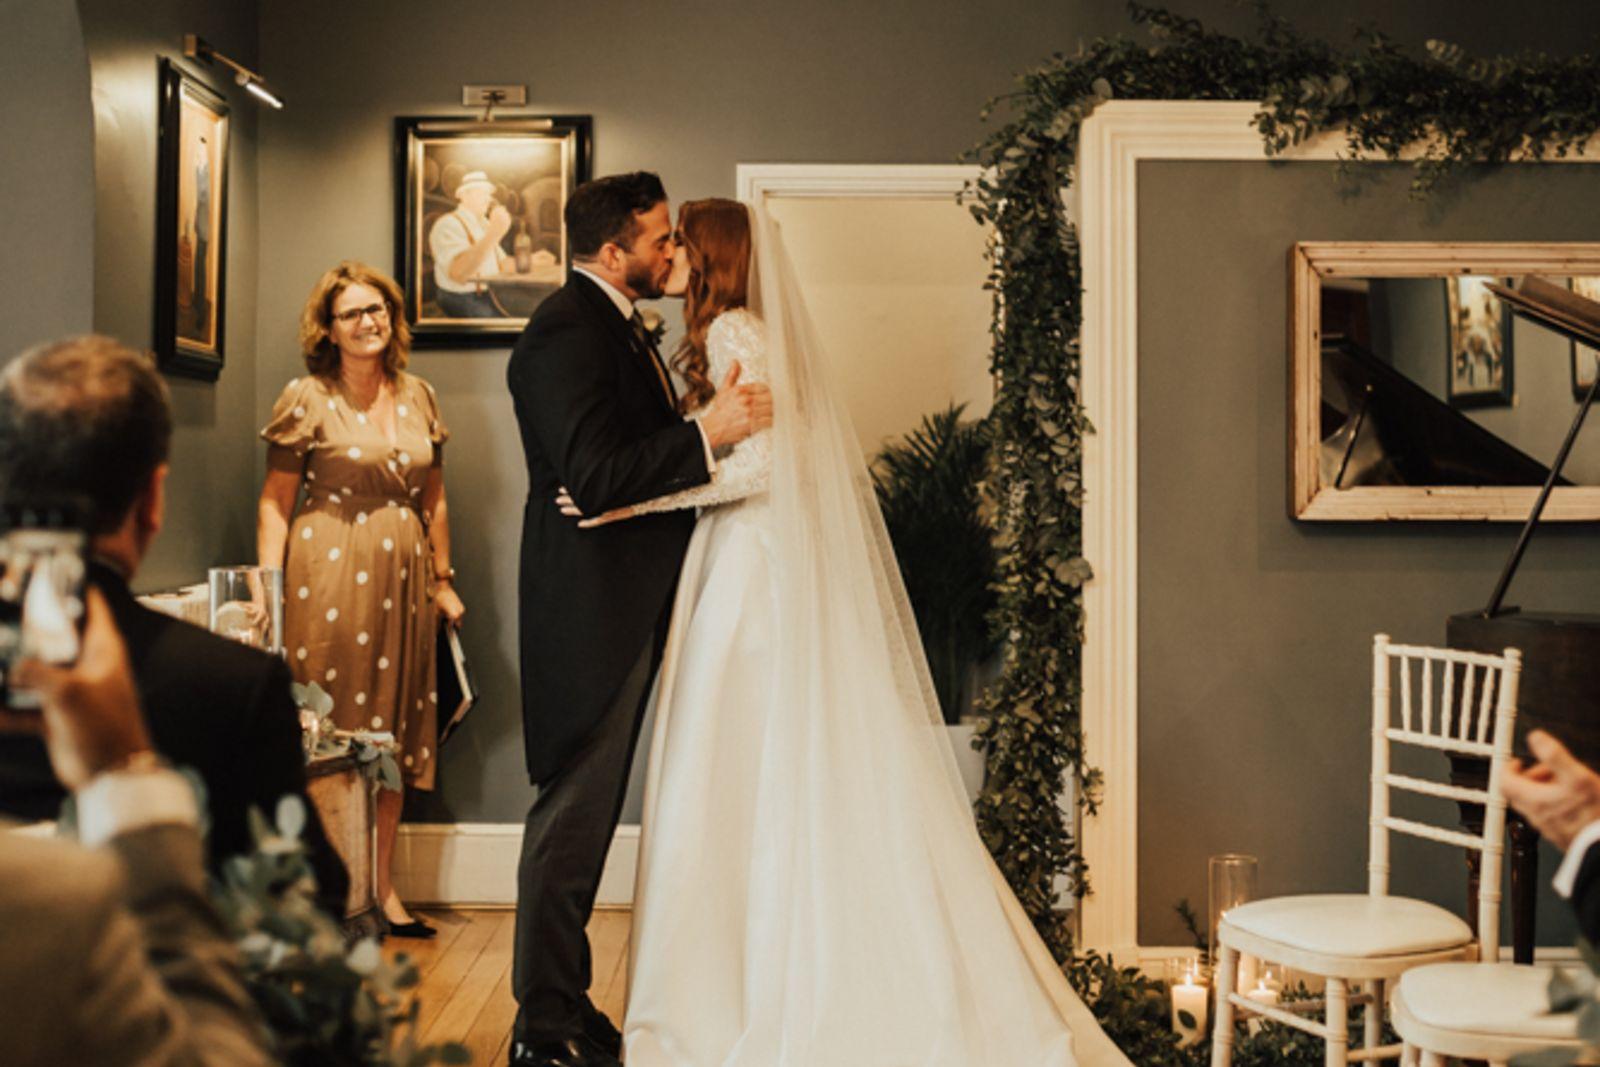 5 real wedding ceremonies